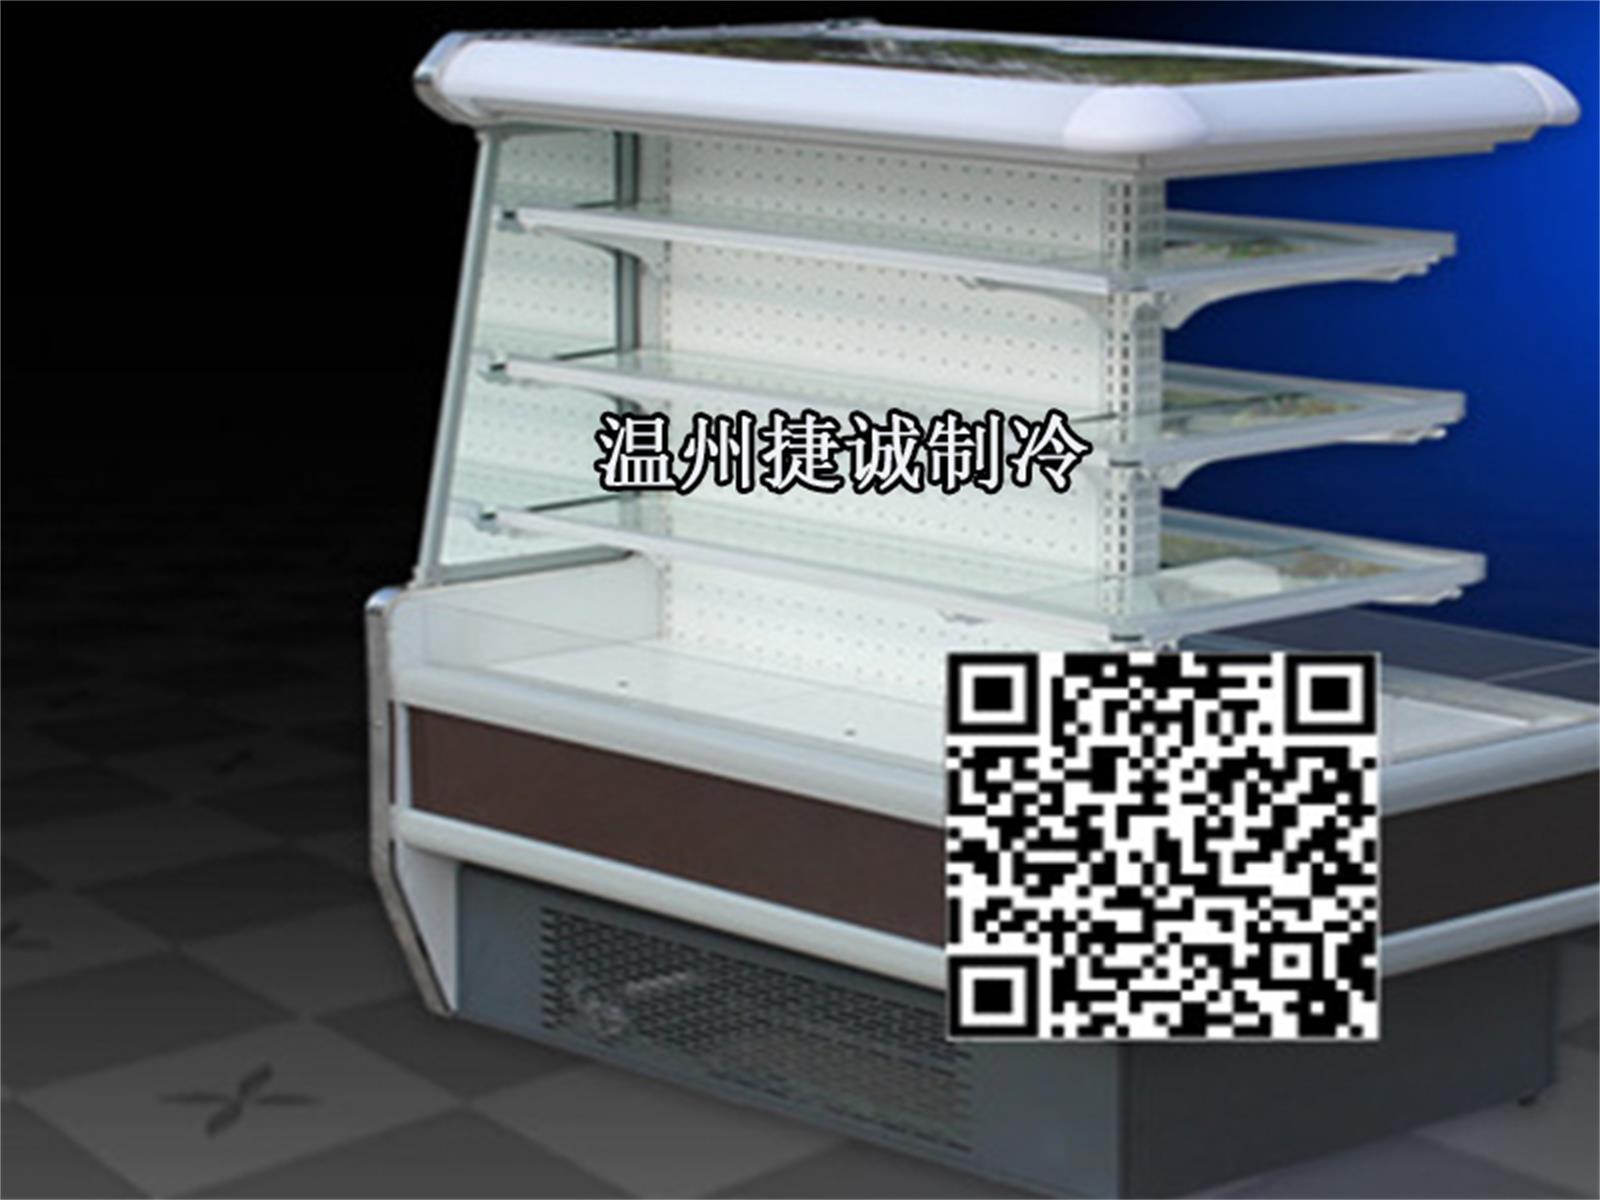 温州冷柜选温州捷诚制冷_价格优惠|水果保鲜柜价位